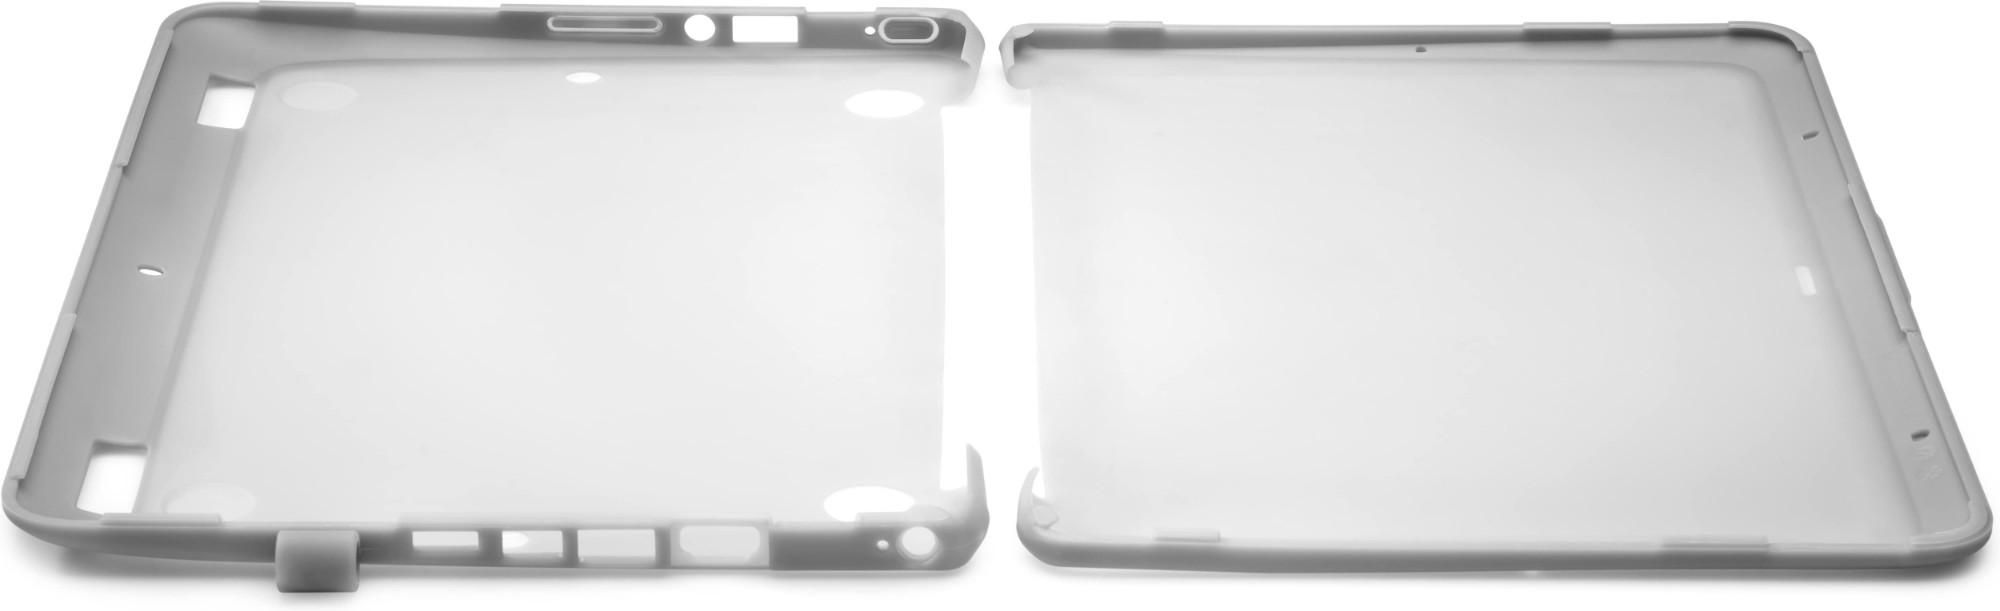 HP ProBook x360 11 G1 EE Protective Case